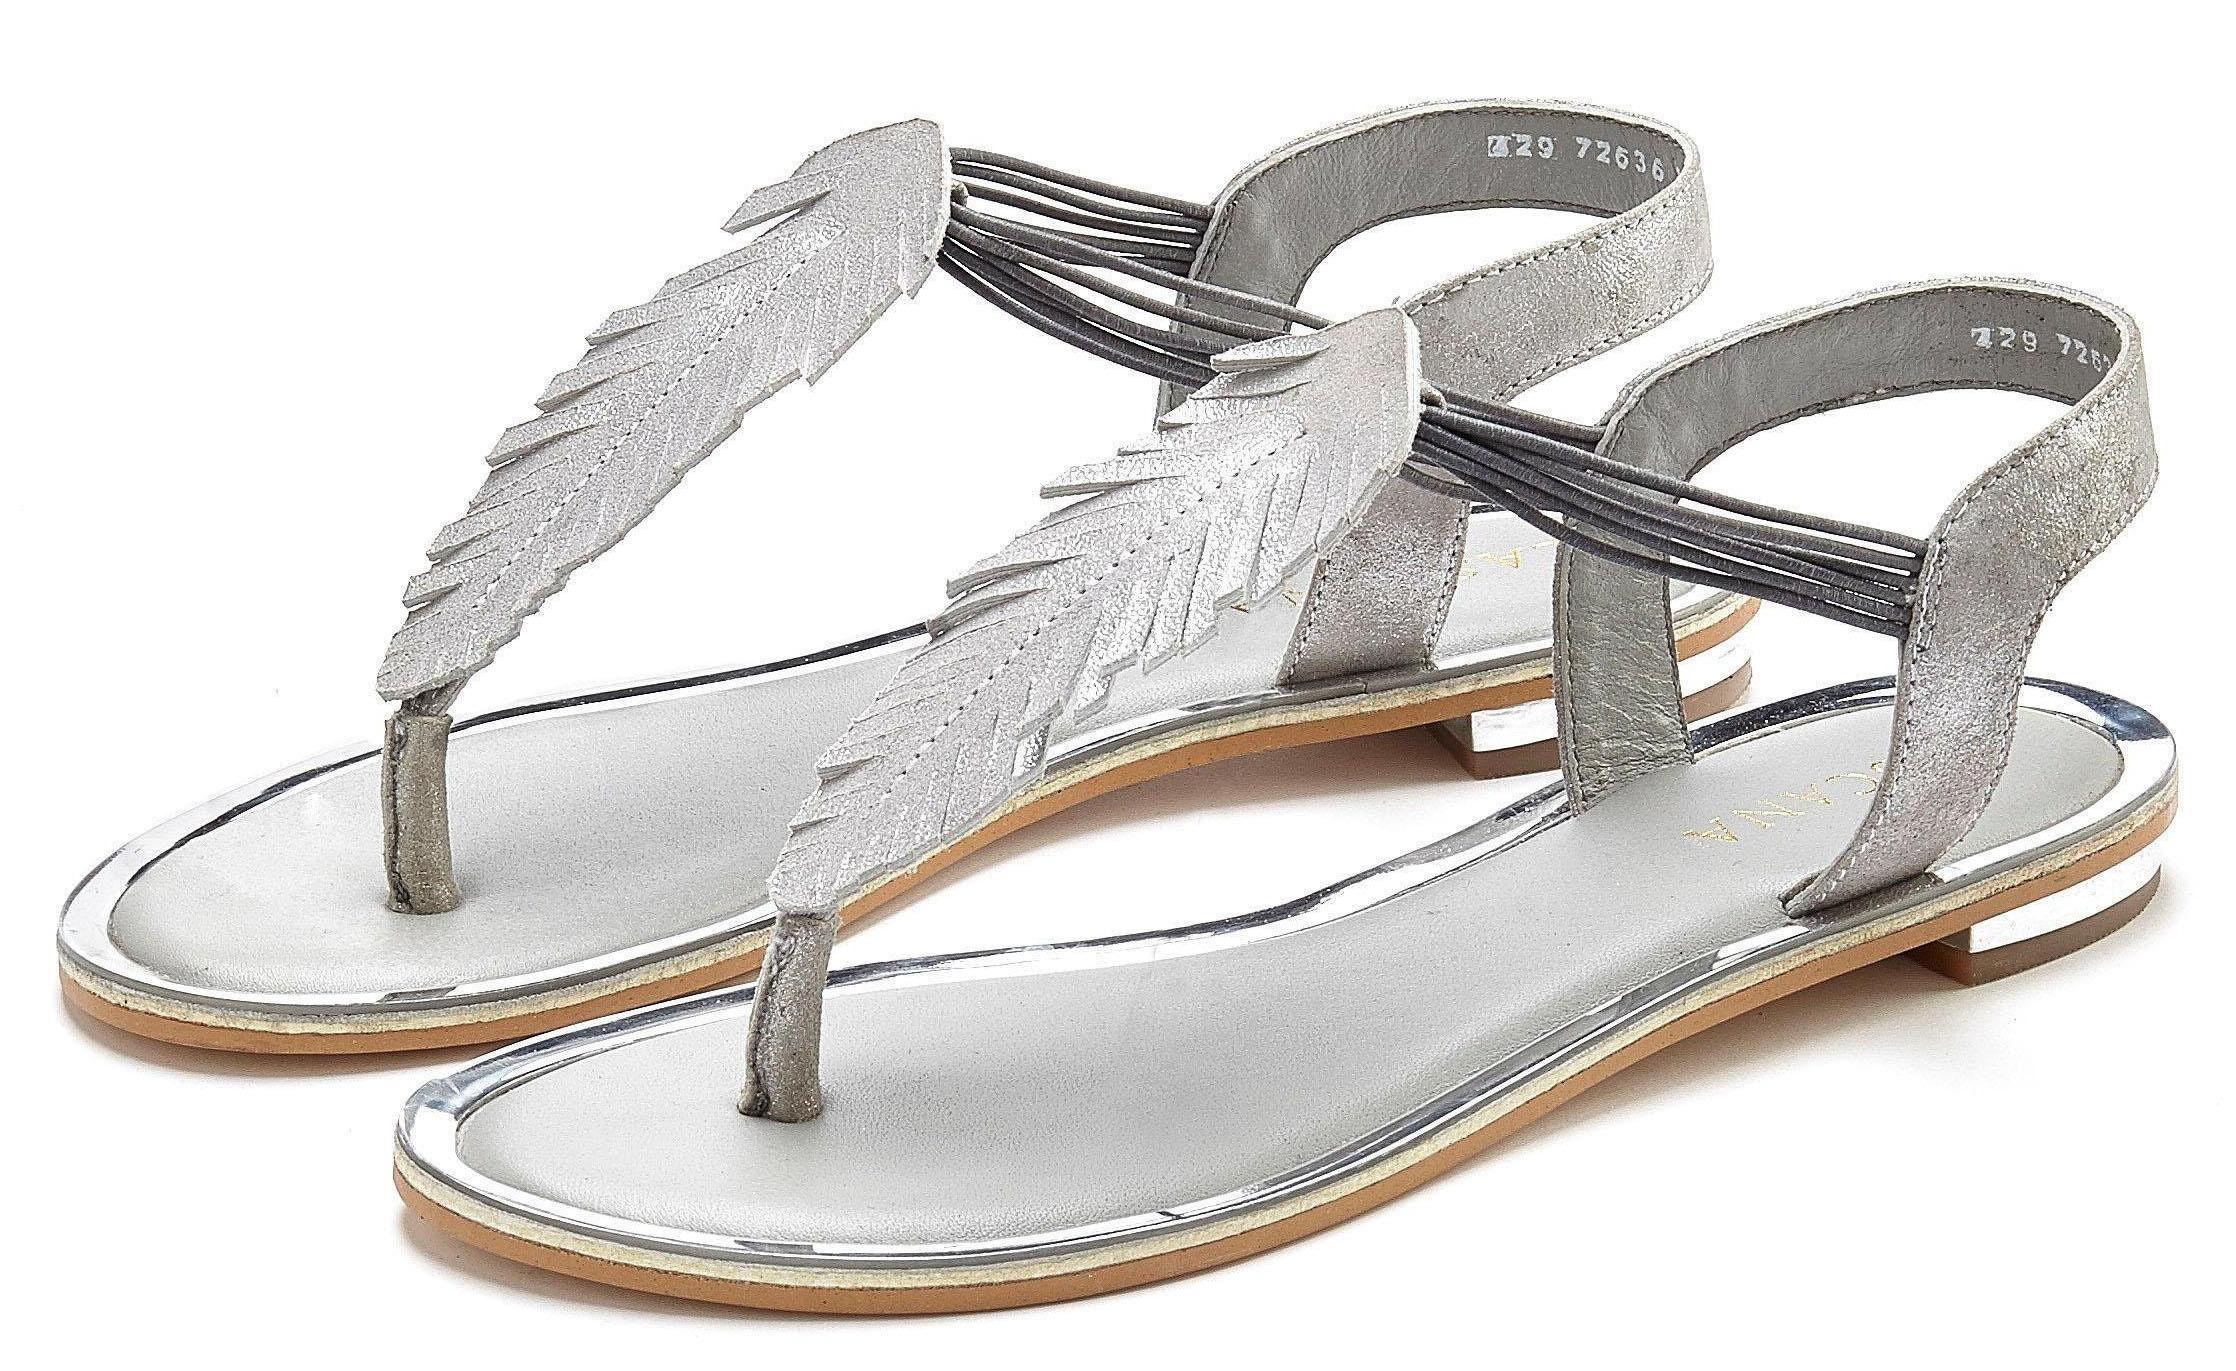 LASCANA Sandale Damen silberfarben Gr.42